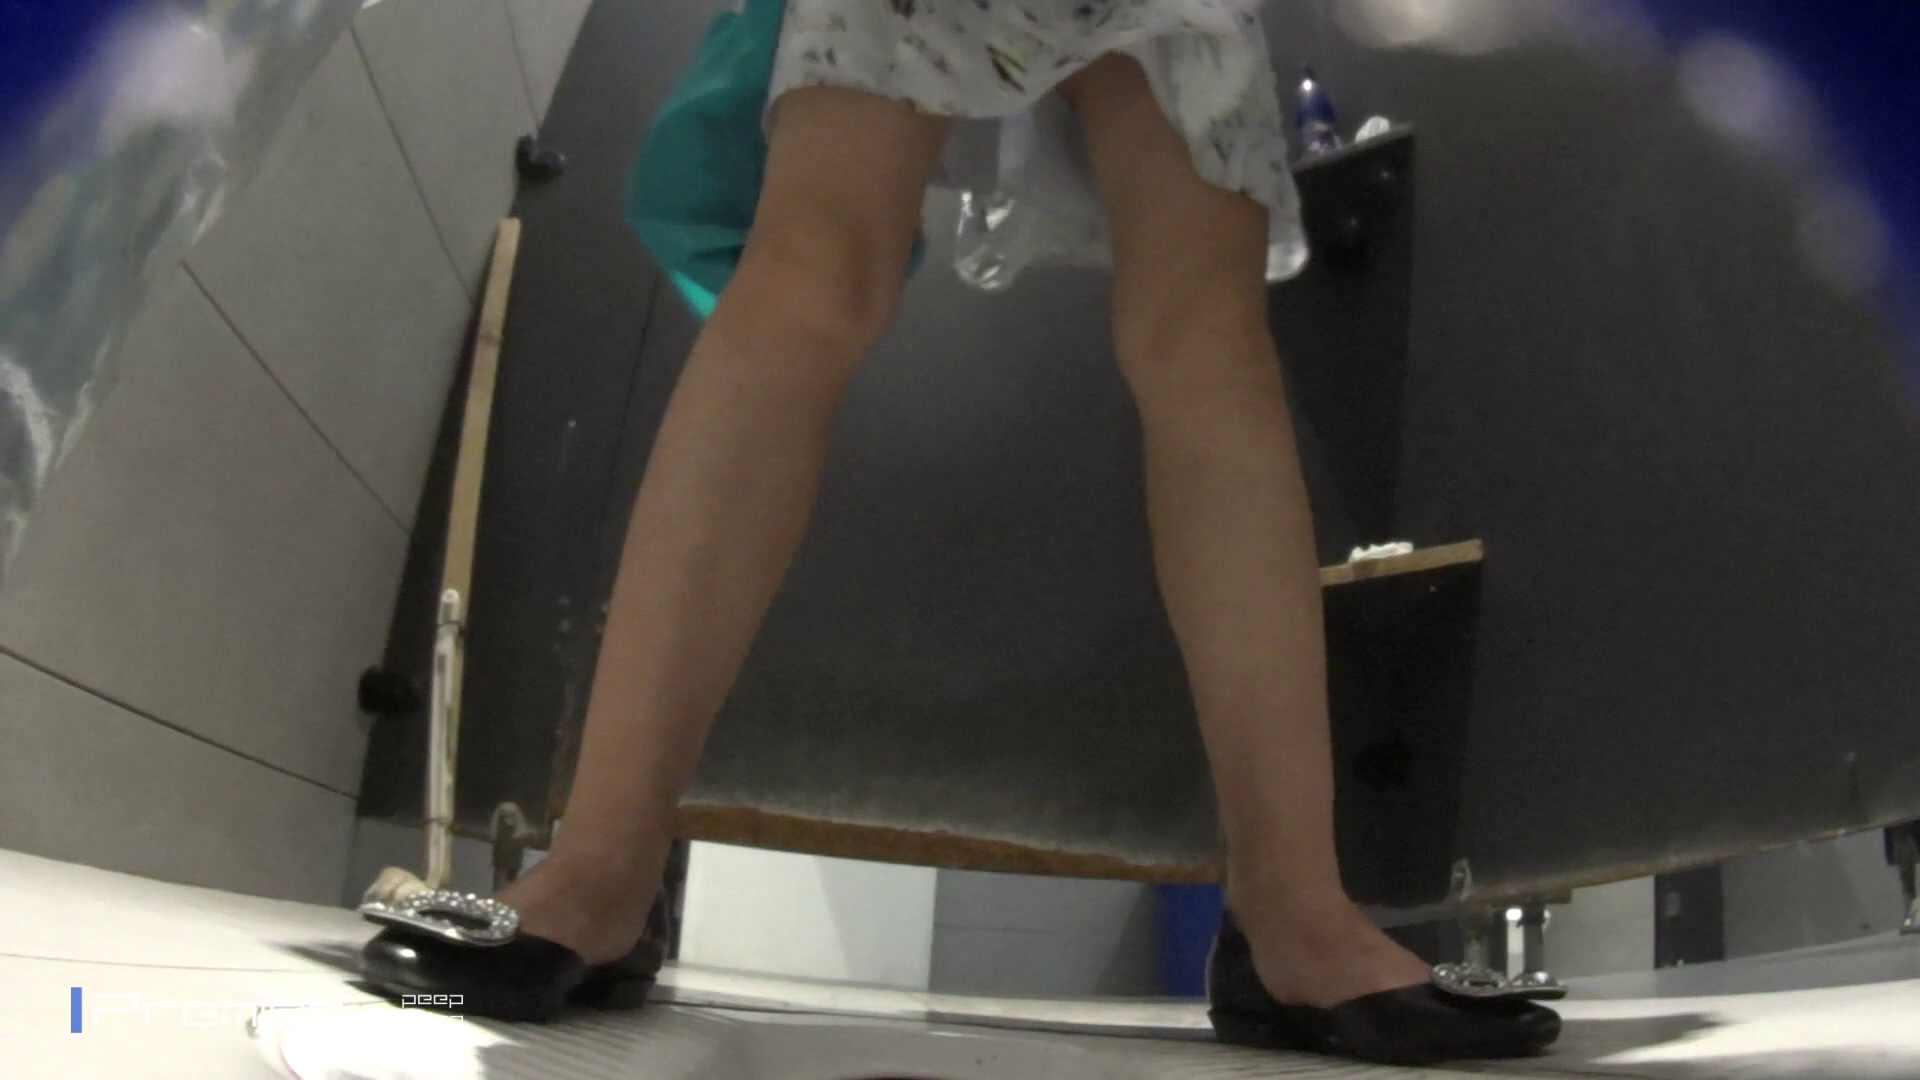 フロントから丸見え! 大学休憩時間の洗面所事情60 美女 えろ無修正画像 96枚 21